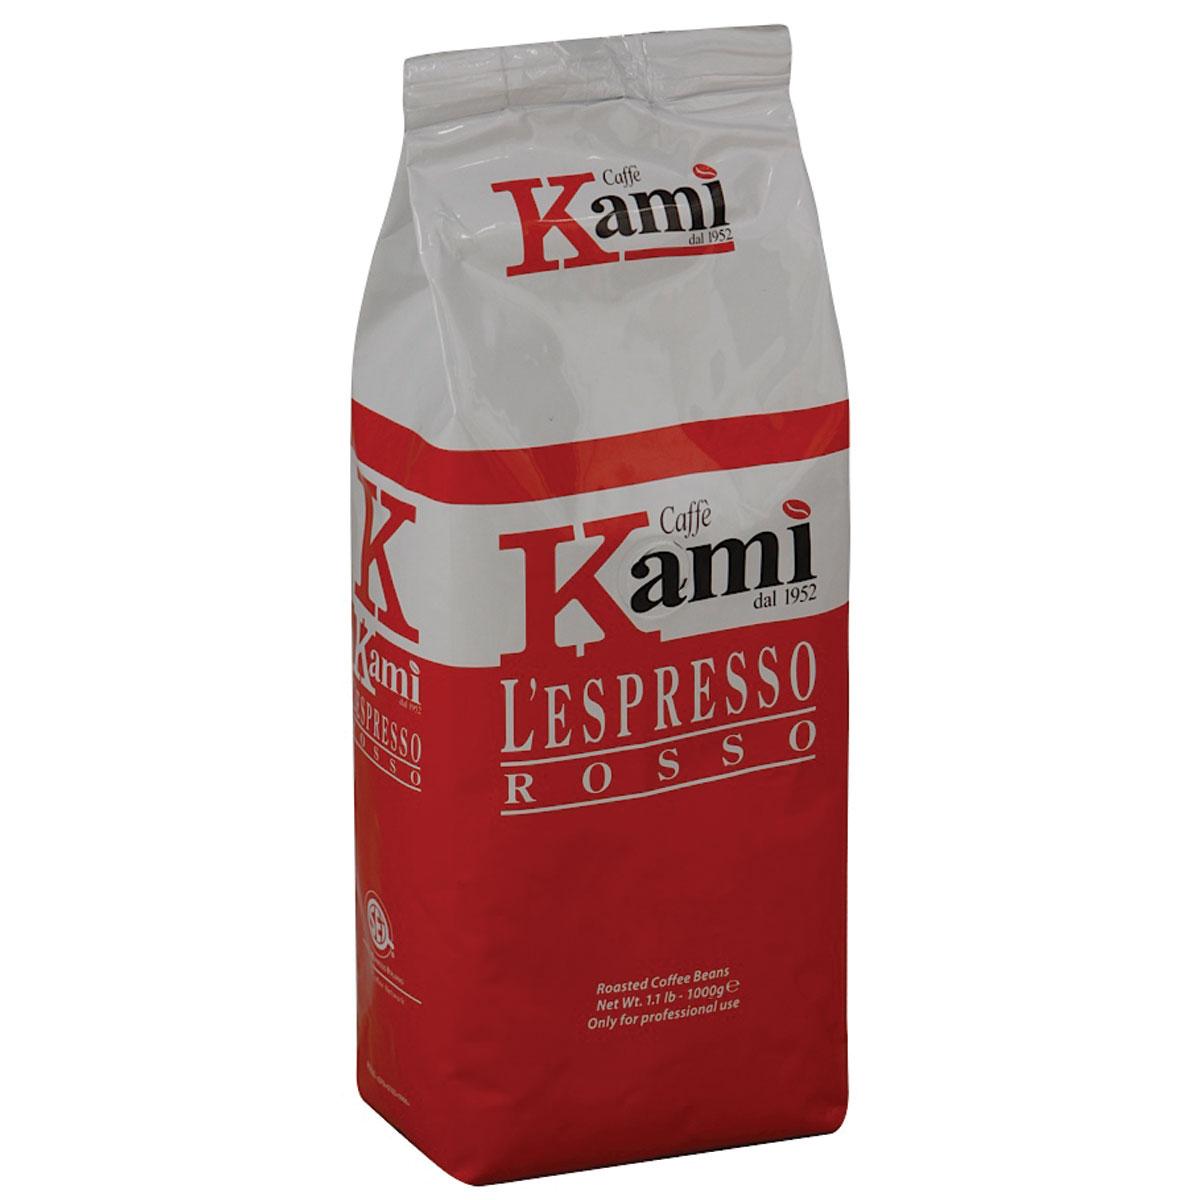 Kami Rosso кофе в зернах, 1 кг101246Натуральный жареный зерновой кофе Kami Rosso. Колумбийские зерна арабики, придающие высокую плотность и сбалансированный вкус, в сочетании с индонезийской робустой, подчеркивающей нотки горького шоколада, делают эспрессо незабываемым. Рекомендуется для приготовления ристретто, эспрессо, капучино. Состав смеси: 75% арабика, 25% робуста.